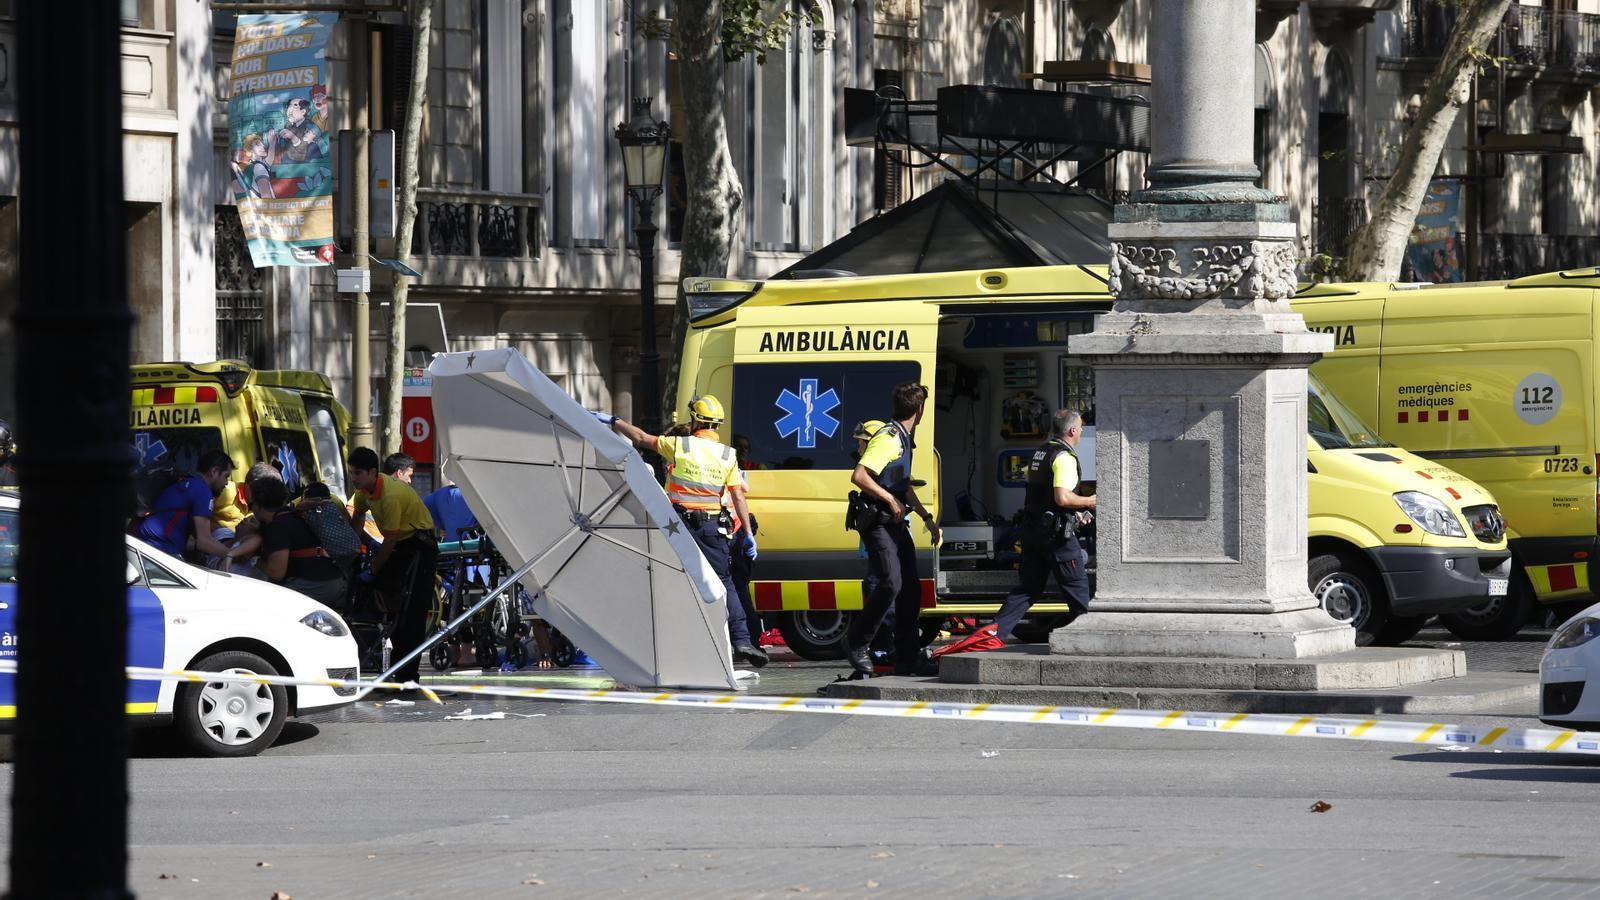 El CNI i els serveis policials no coneixien els moviments dels terroristes abans del 17-A, segons 'La Vanguardia'